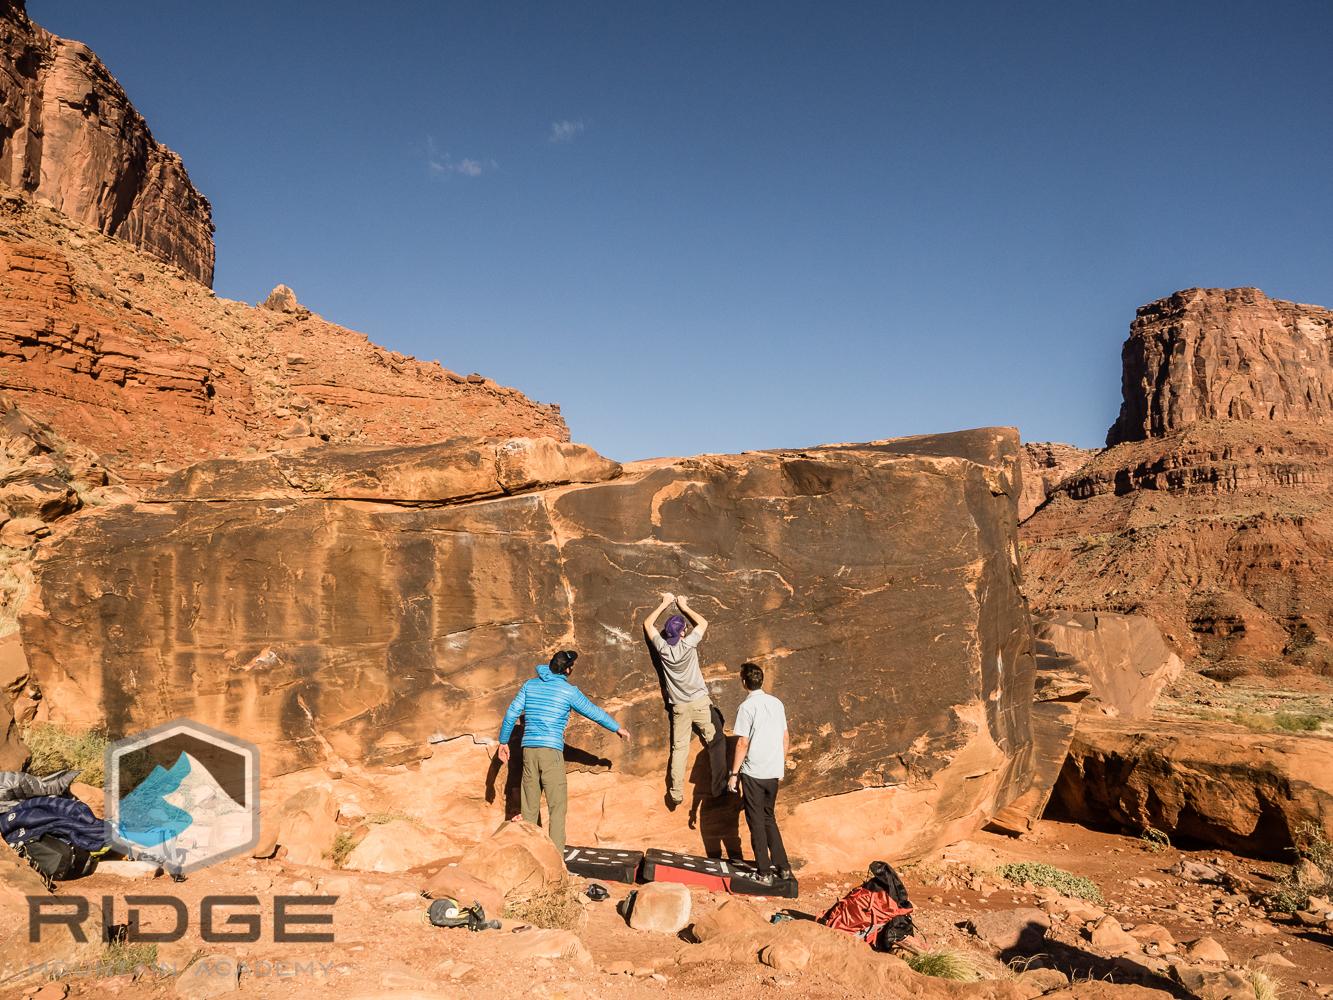 RIDGE in Moab, fall 2015-10.JPG